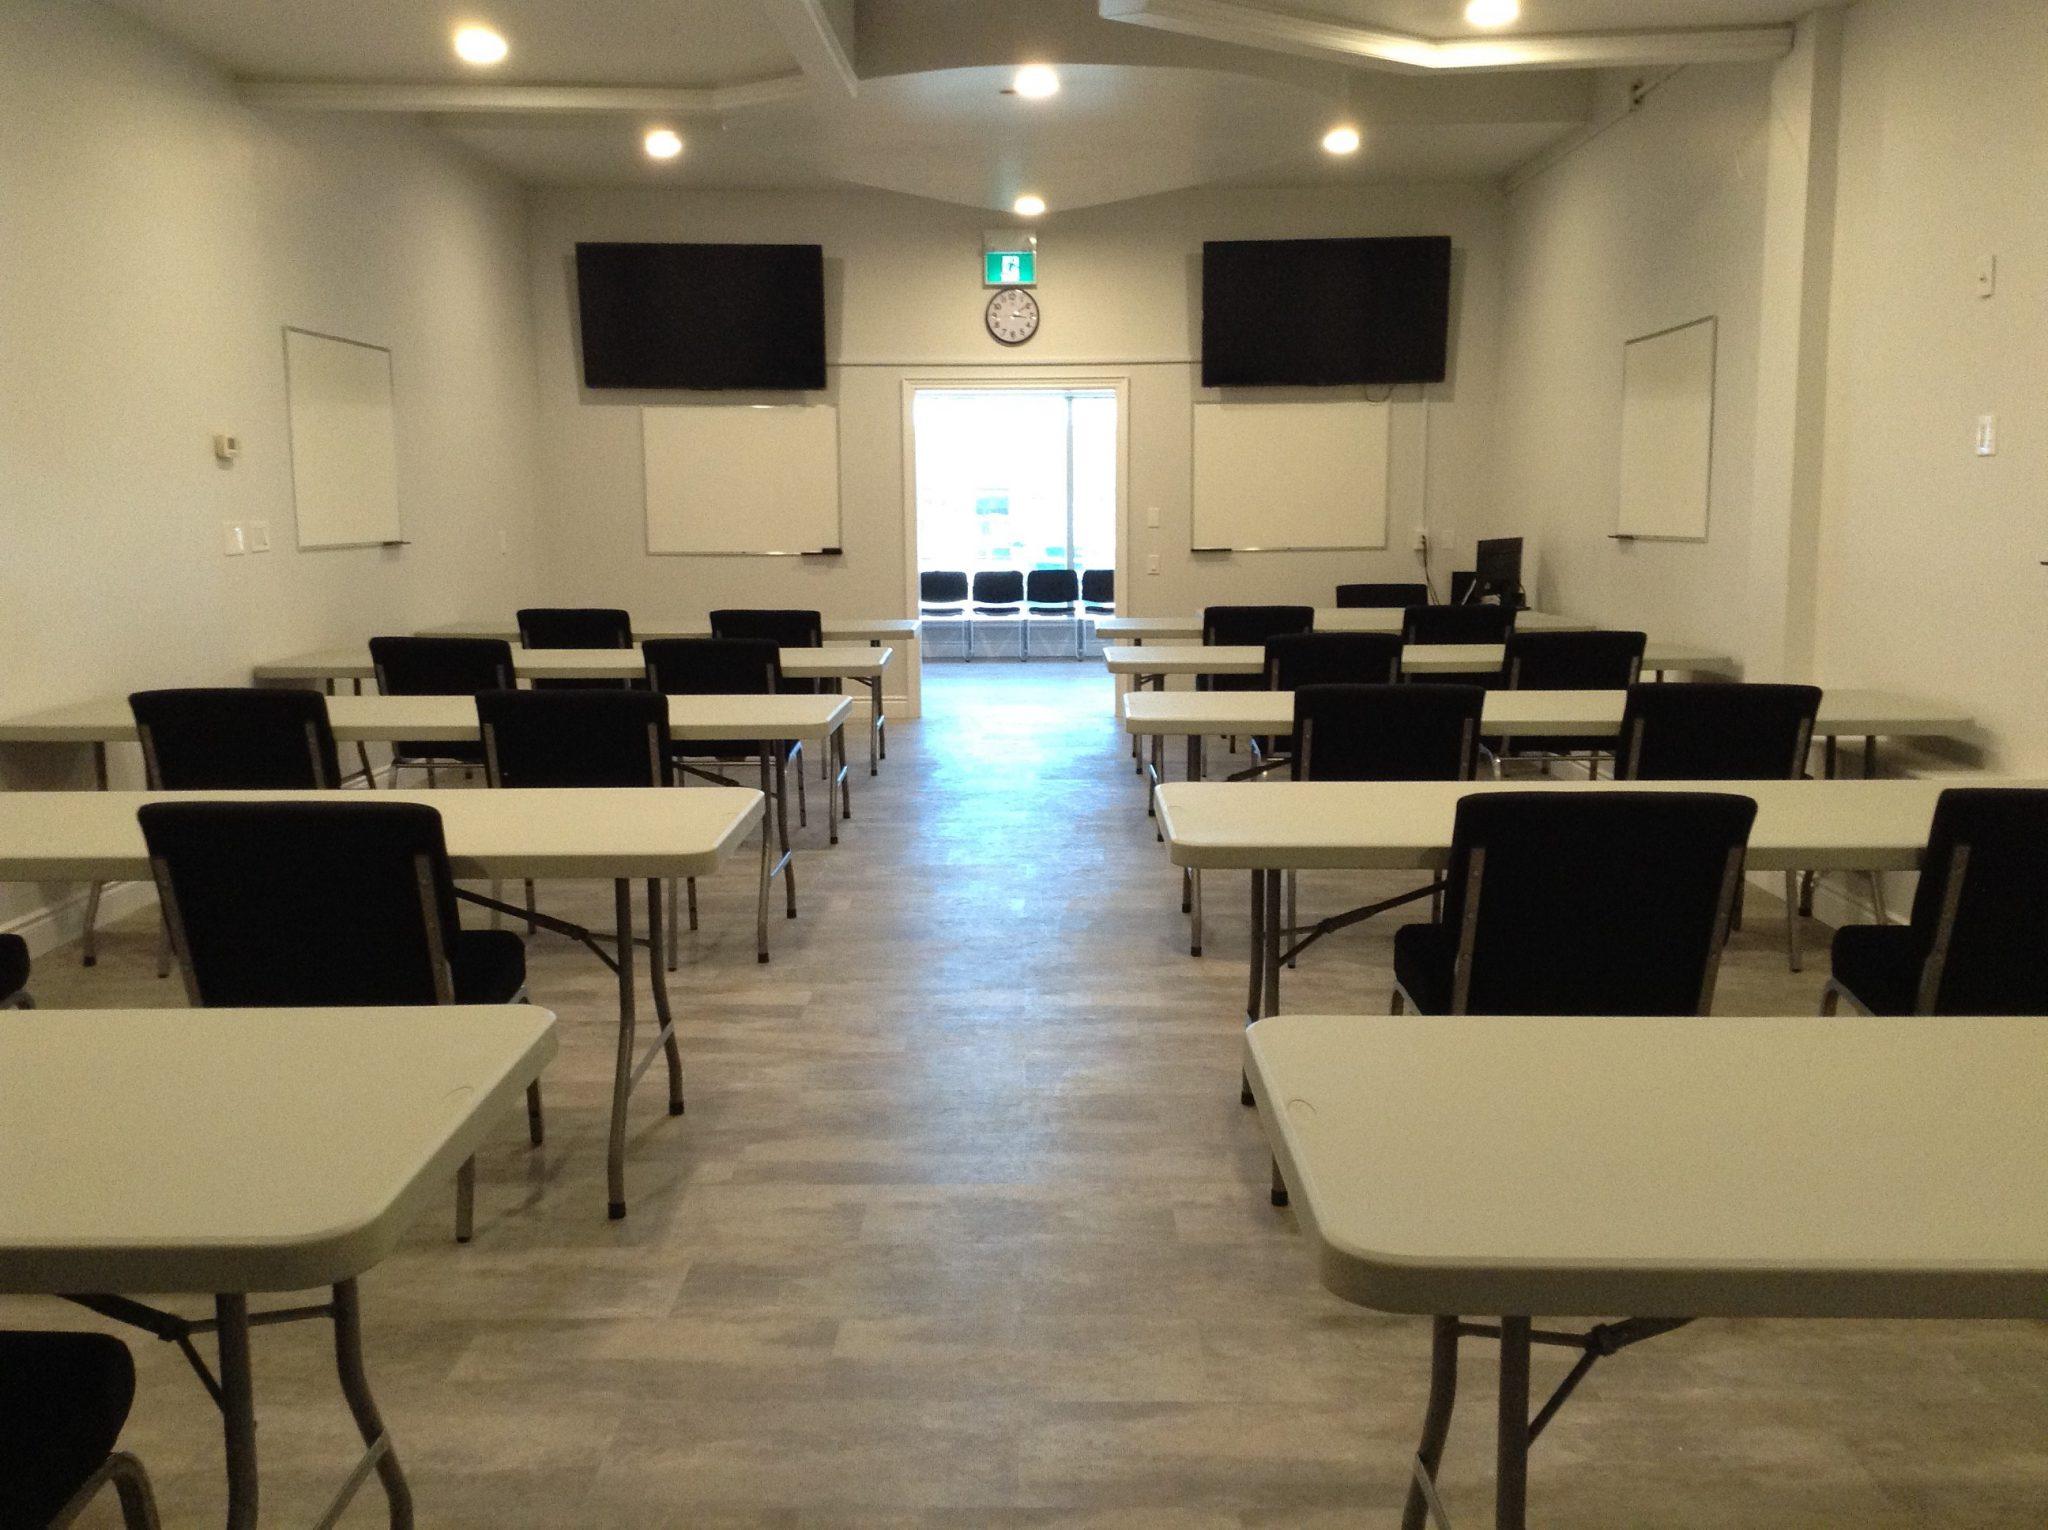 New OBOA Training Classroom Doors Open April 8th